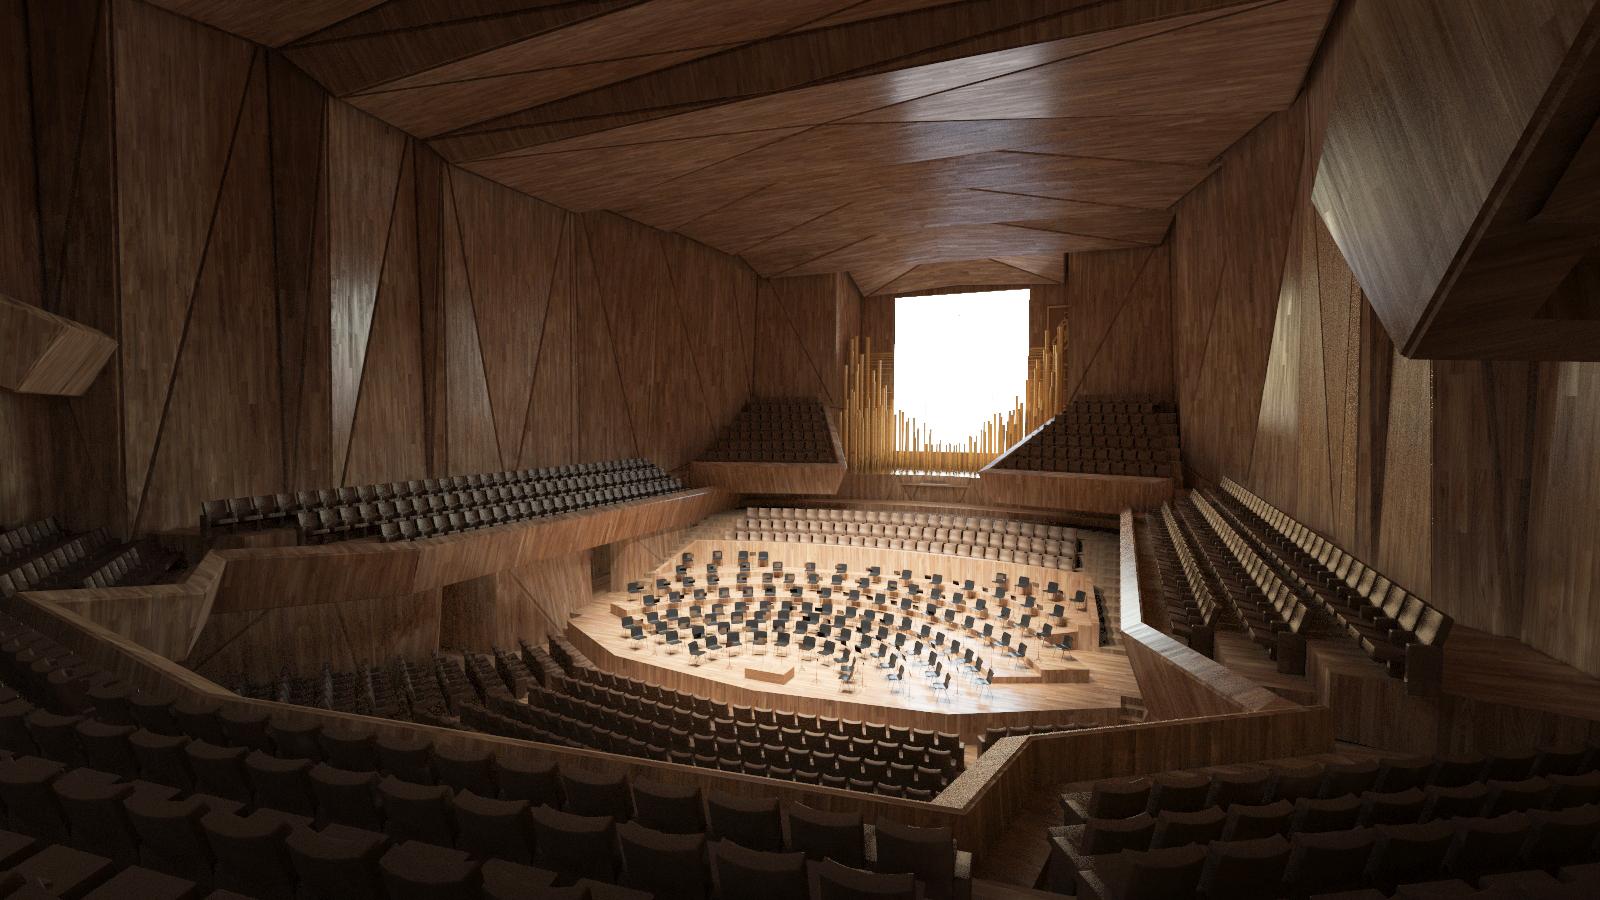 Nacionalinės koncertų salės pagrindinė didžioji salė   Vilniaus miesto savivaldybės nuotr.